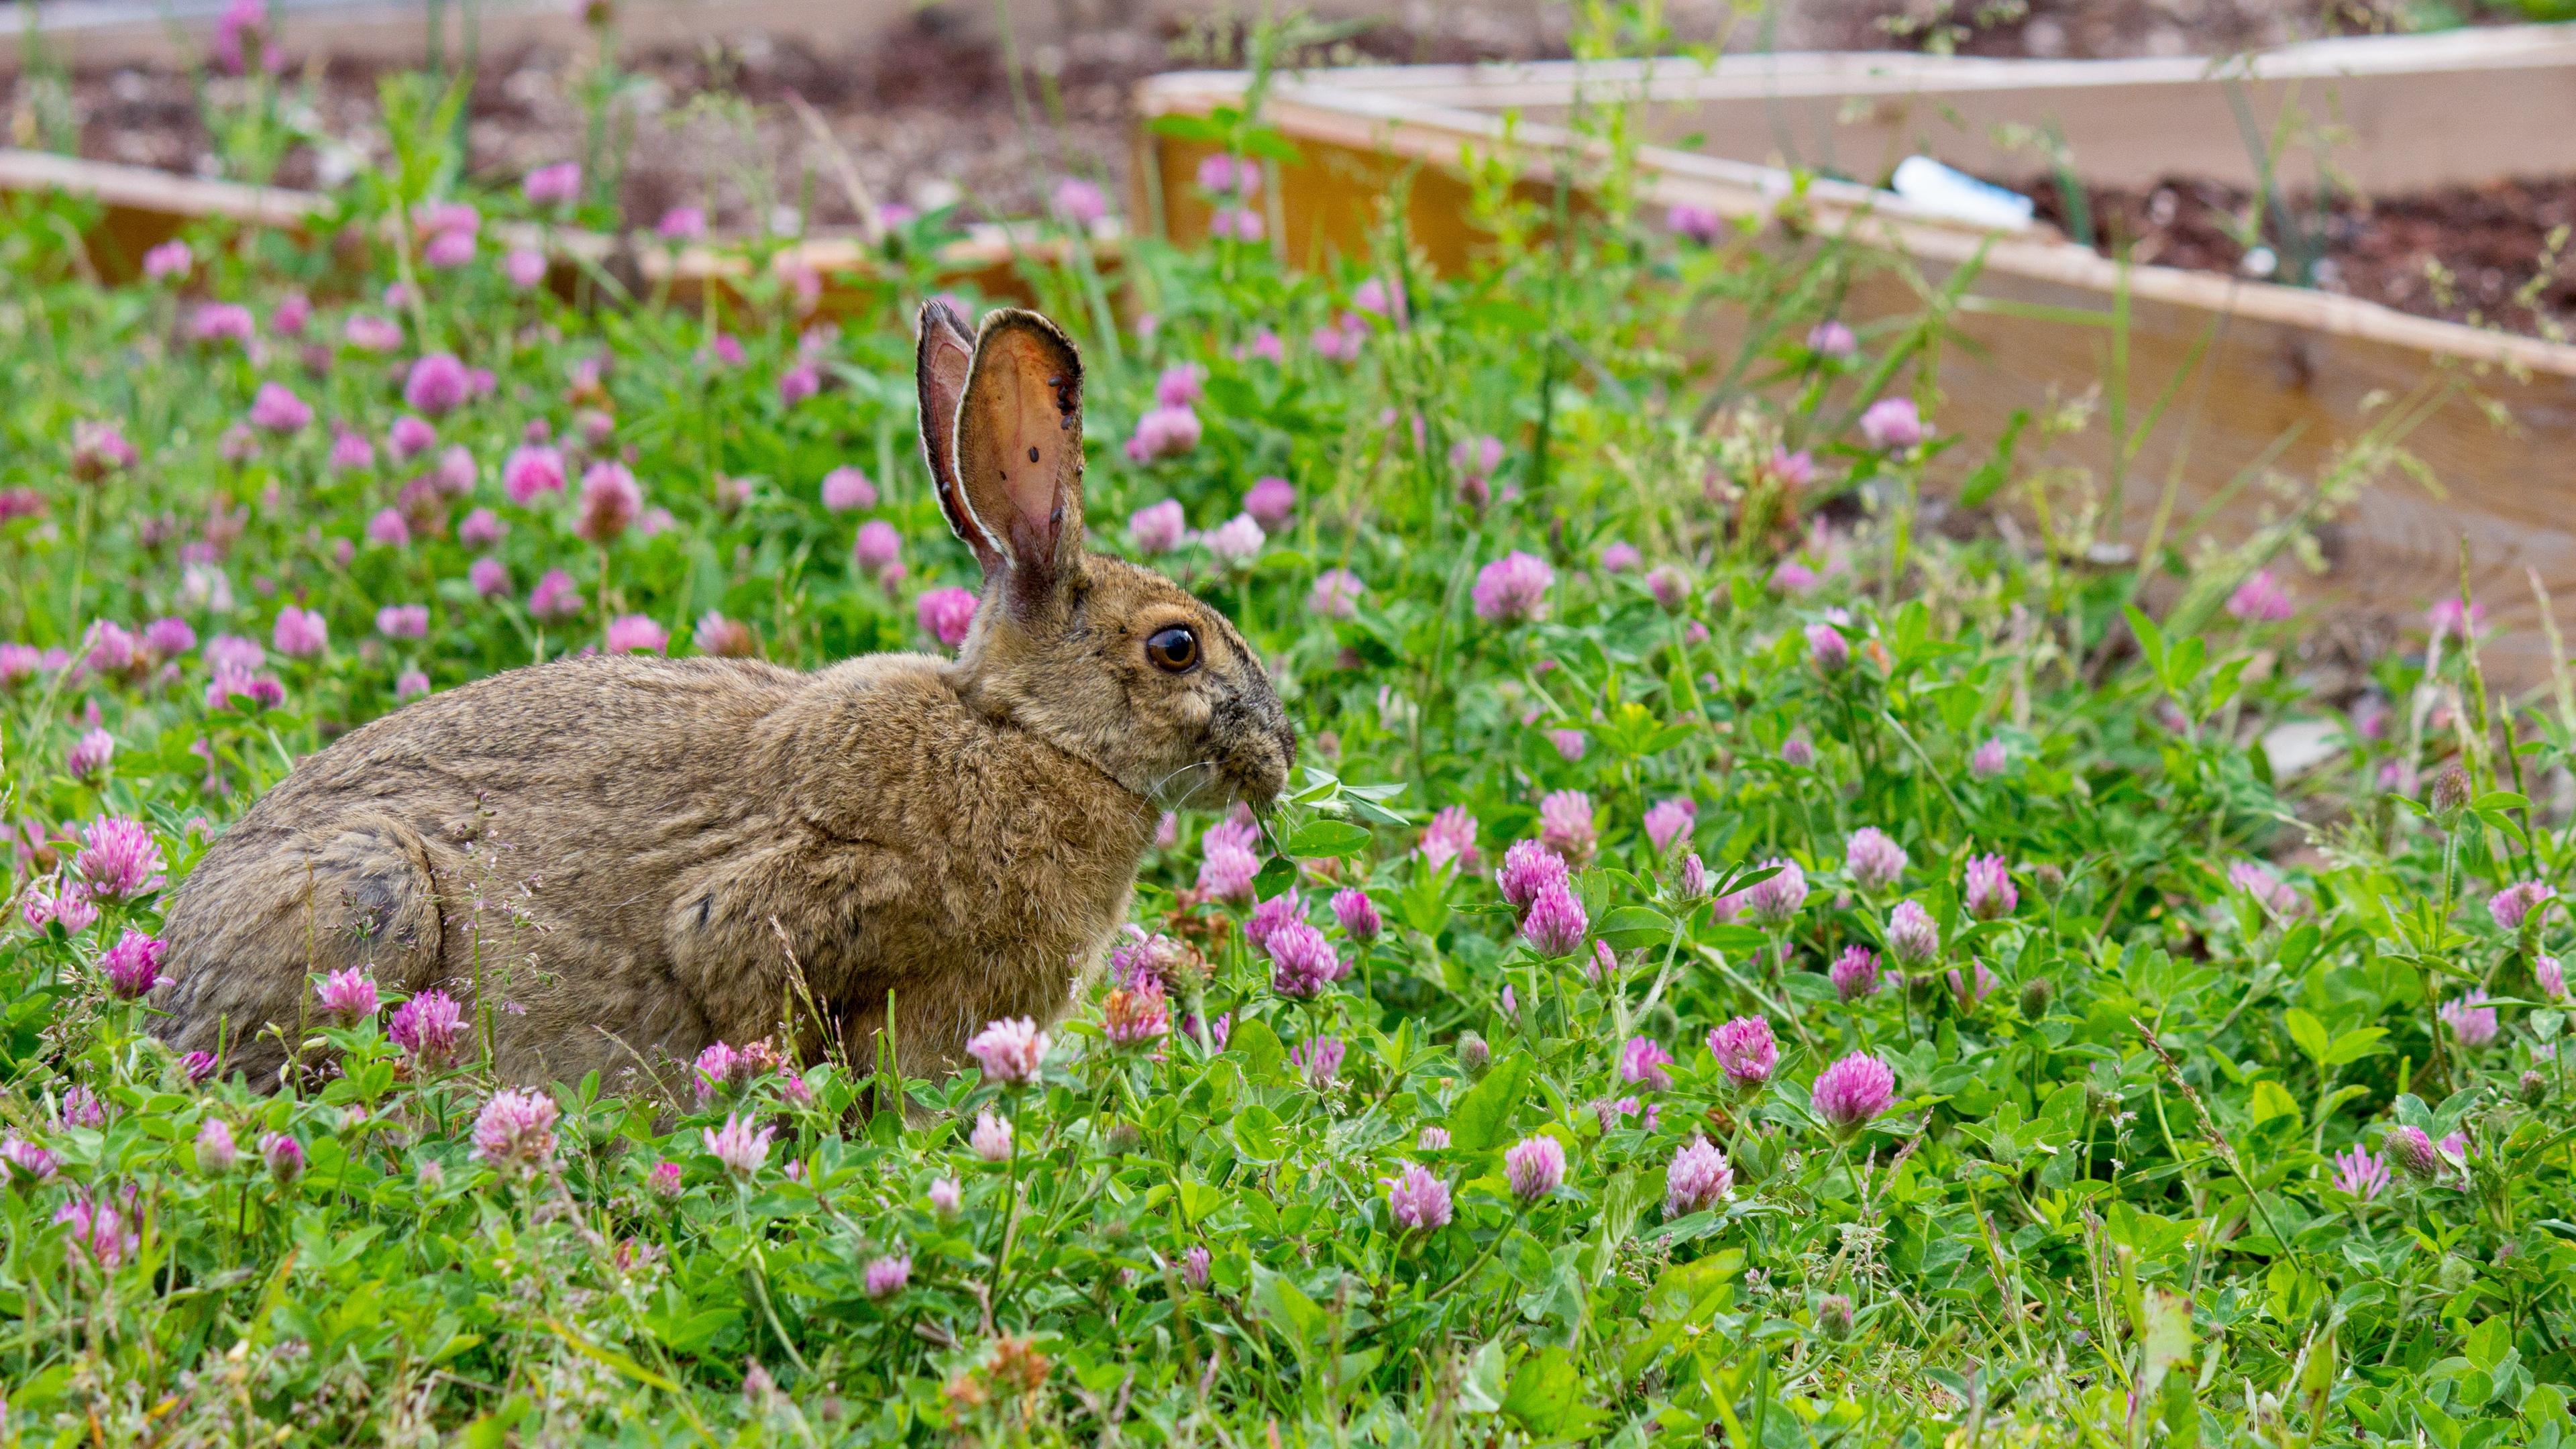 rabbit grass clover walk 4k 1542241412 - rabbit, grass, clover, walk 4k - Rabbit, Grass, Clover